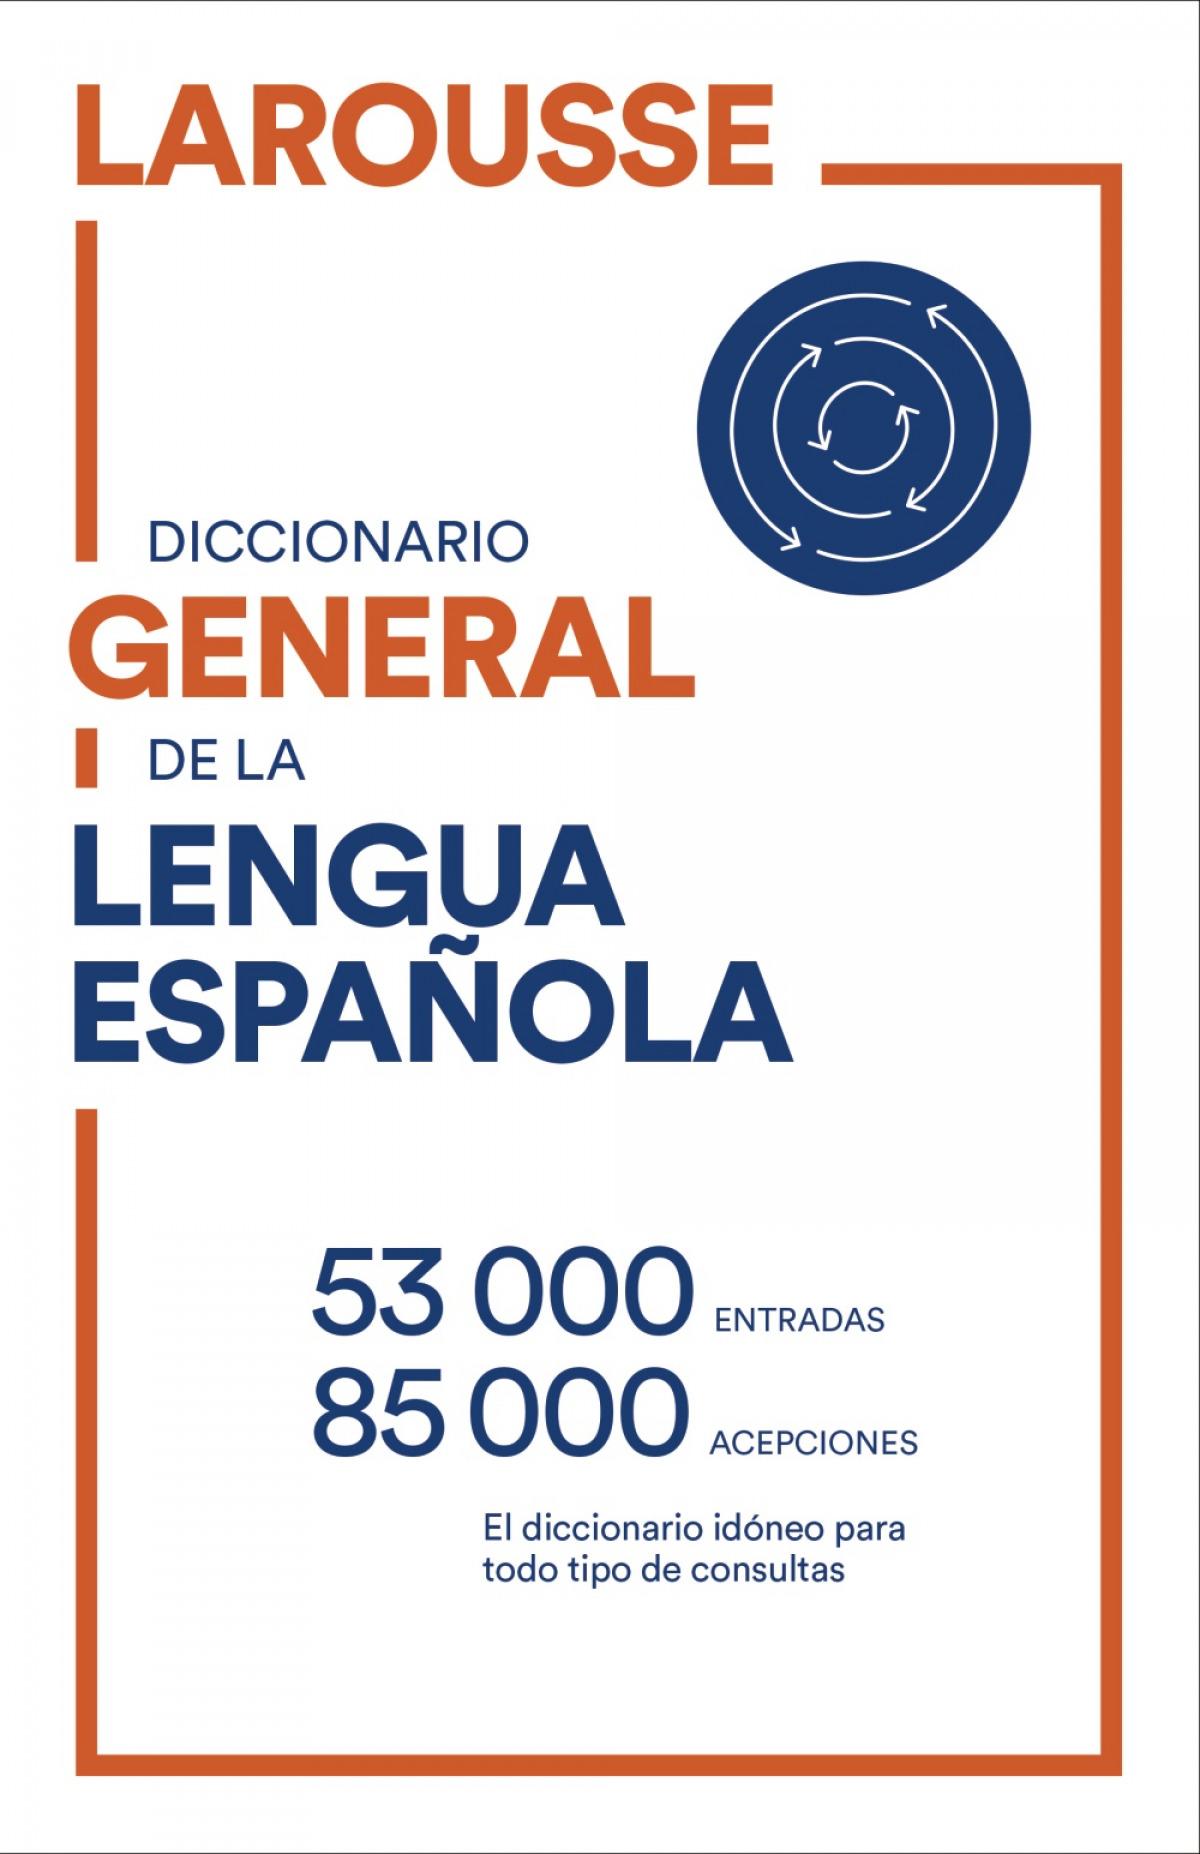 DICCIONARIO GENERAL DE LENGUA ESPAñOLA 9788418473081